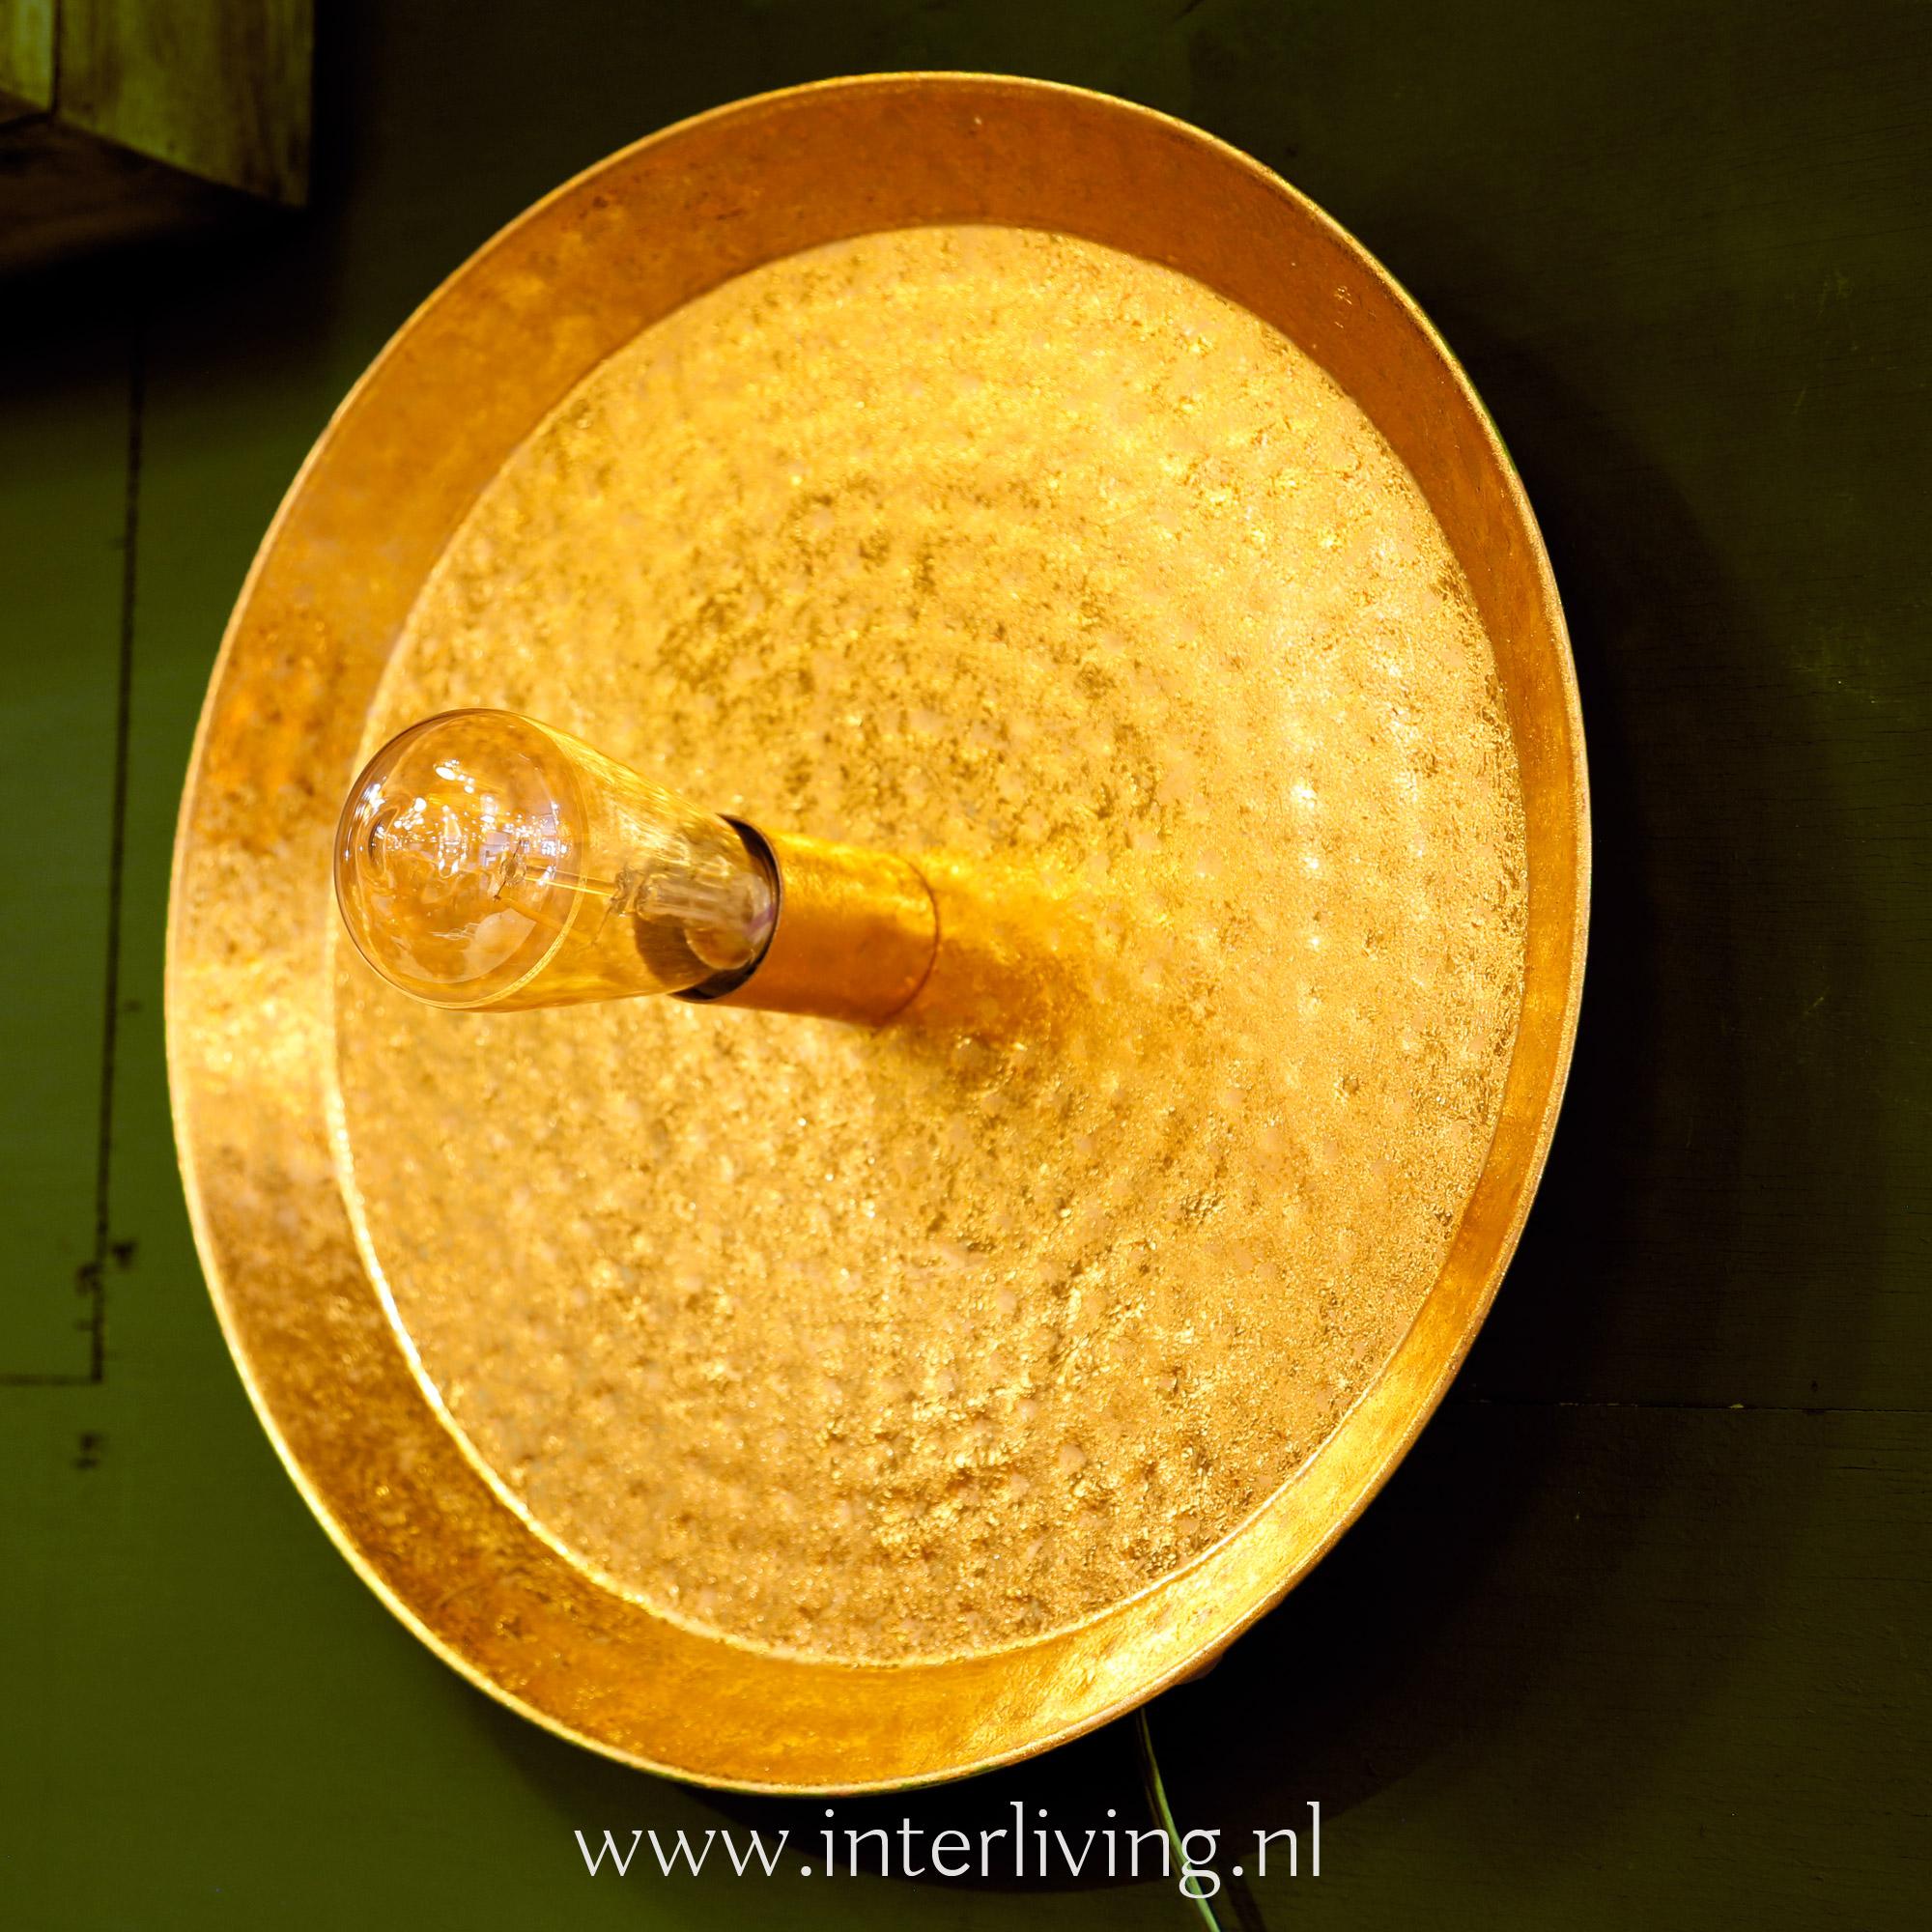 goudkleurige ronde wandlamp voor aan de muur - hotel chic interieur stijl metalic